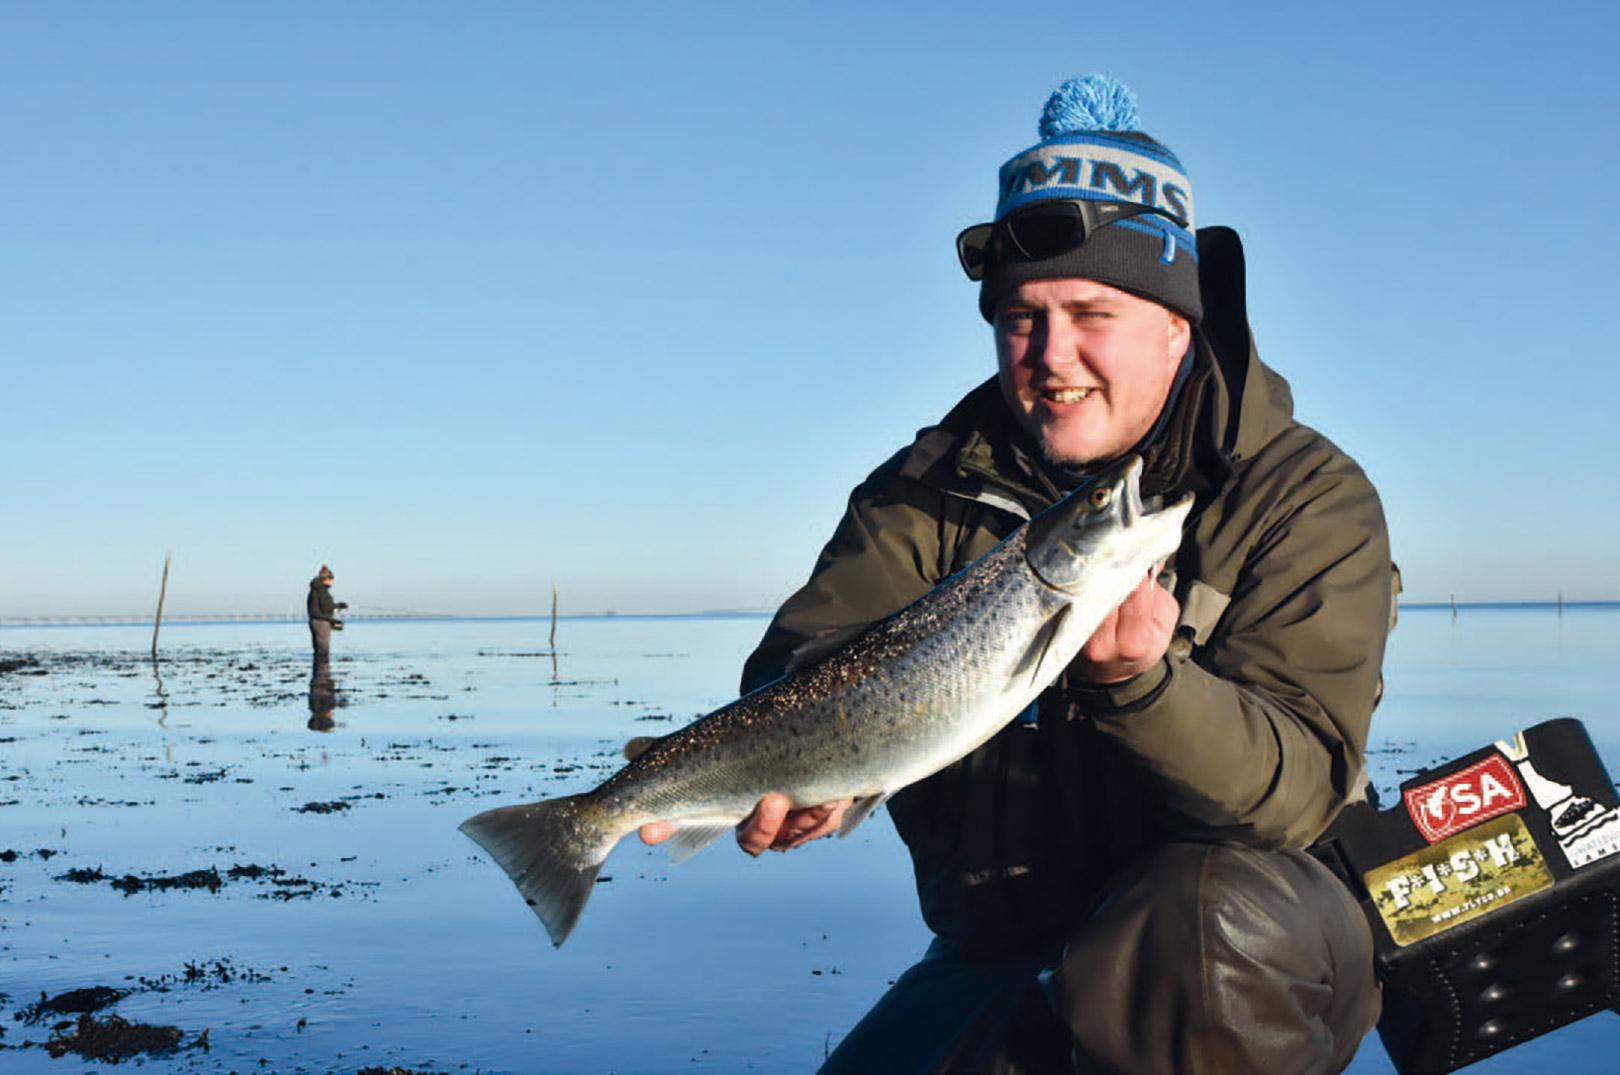 Her har Mathias fundet en super lækker blankfisk. Ofte er der netop på Østkystens pladser chance for at finde flotte overspringere fra efteråret og frem gennem hele vinteren igennem.